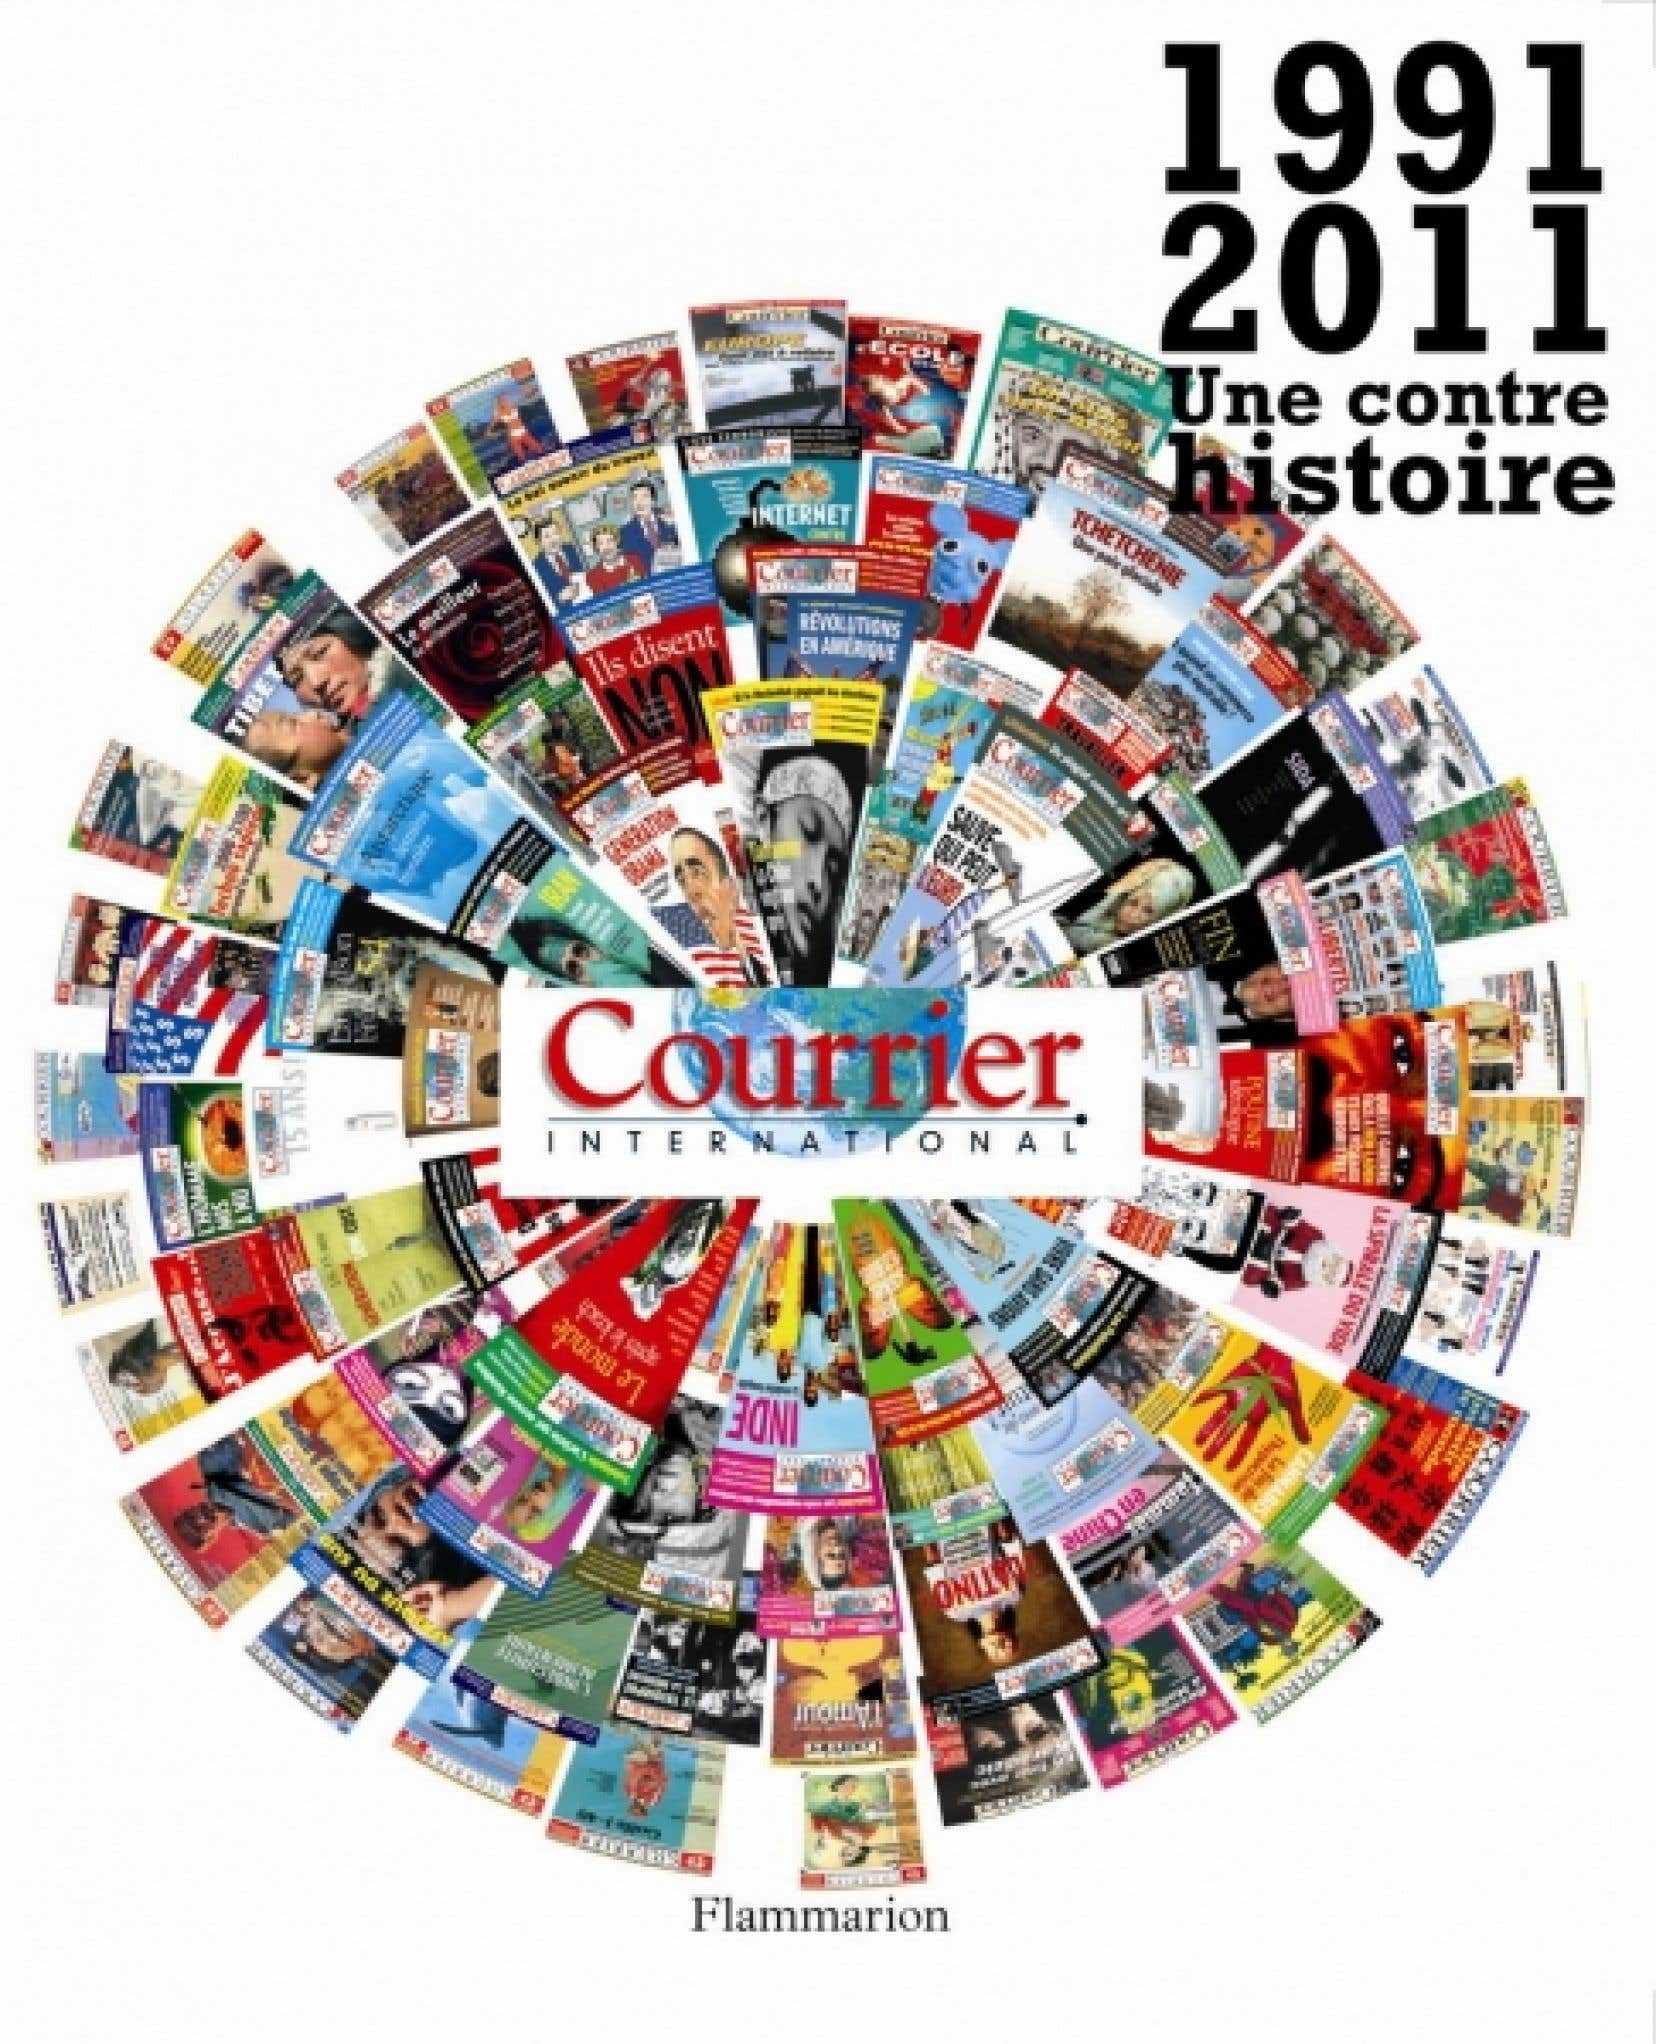 Le livre publié à l'occasion des 20 ans de Courrier international est une anthologie d'articles.